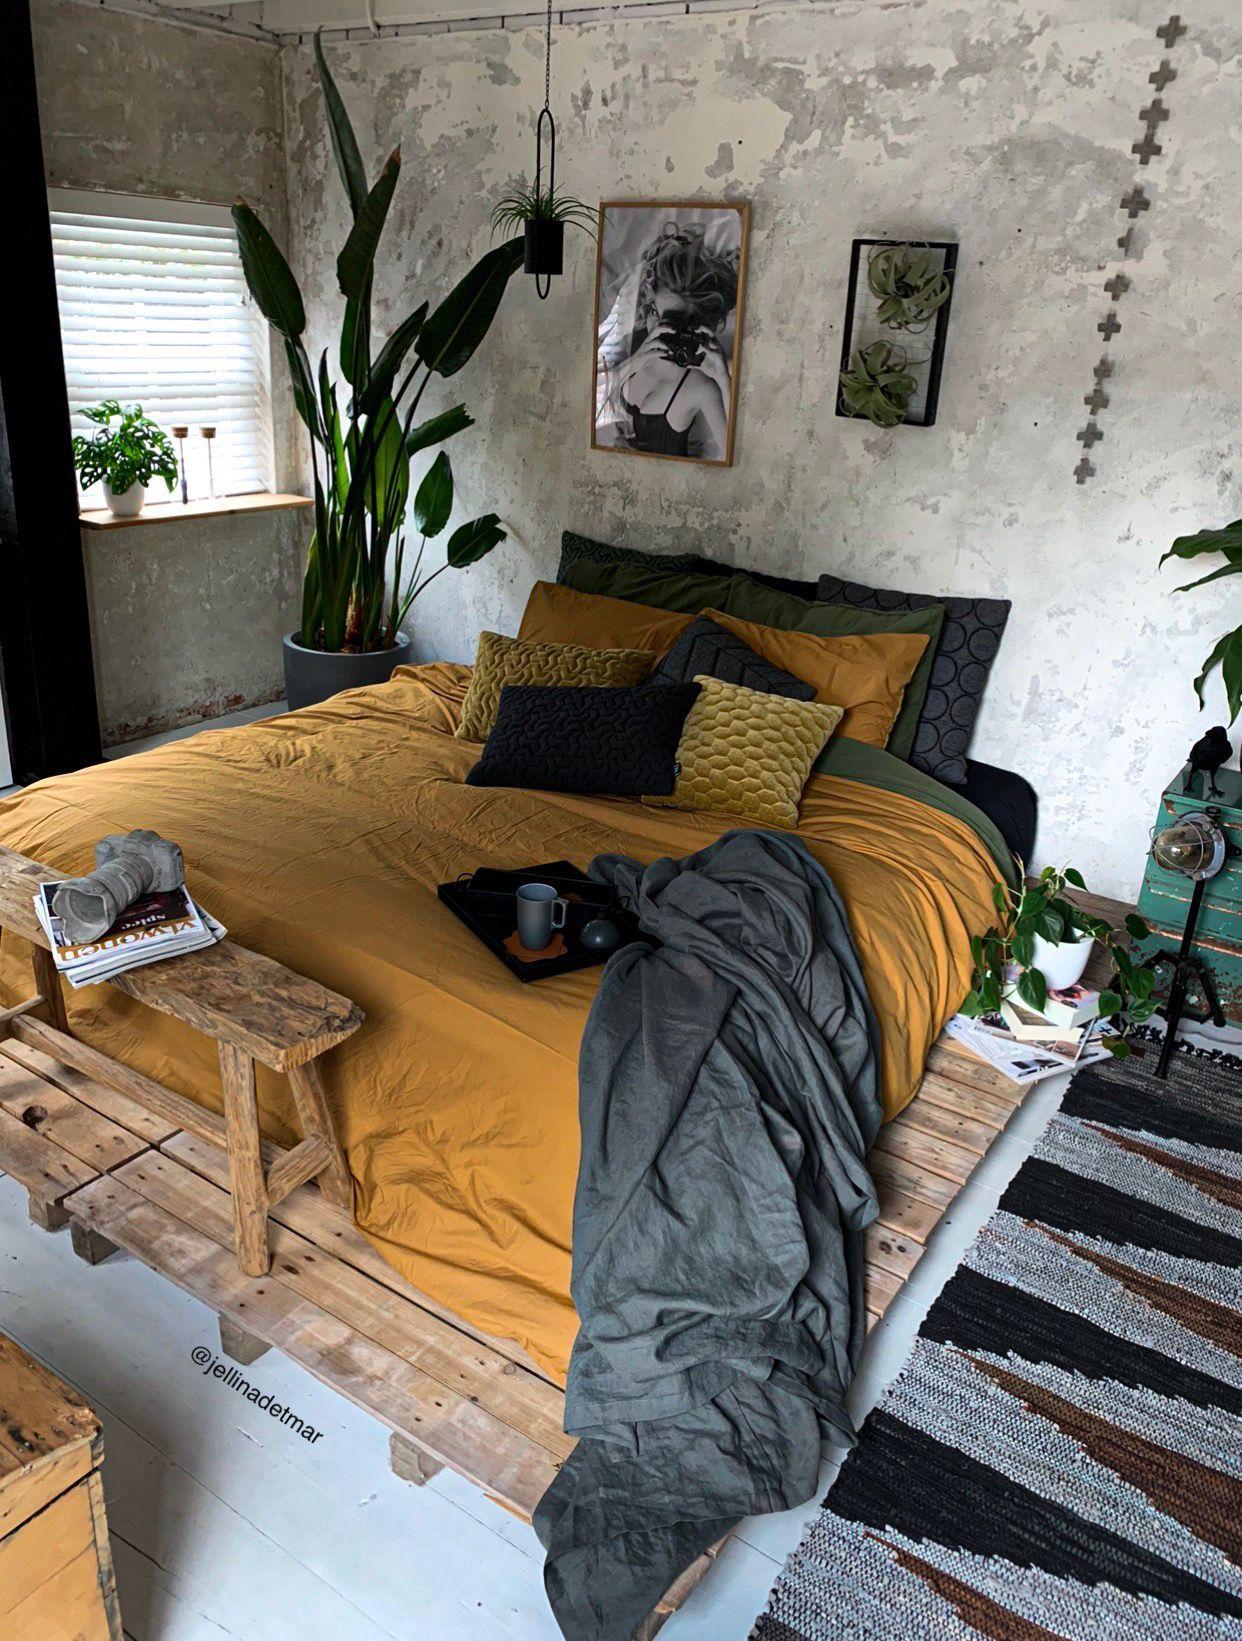 My bedroom ! #bedroomgoals -  My bedroom ! #bedroomgoals  - #bedroom #bedroomgoals #firsthomedecor #homedecorpainting #homedecorpictures #homedecorquotes